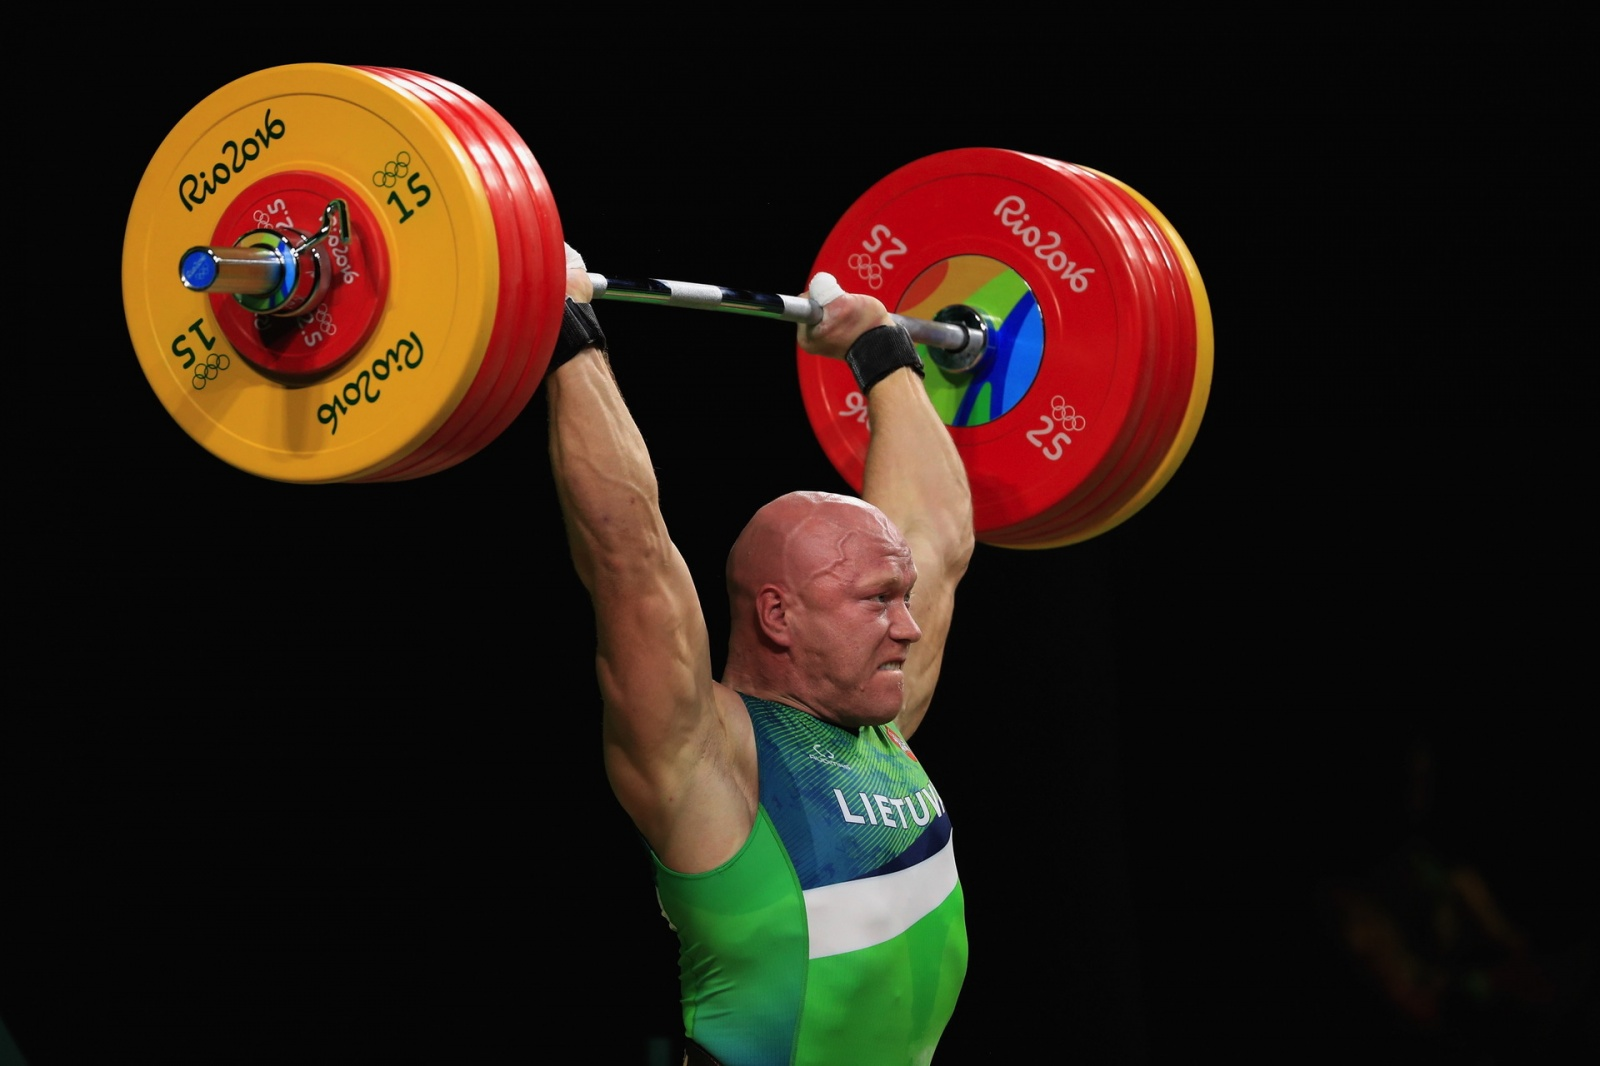 Олимпийские гены: кто становится победителем - 2